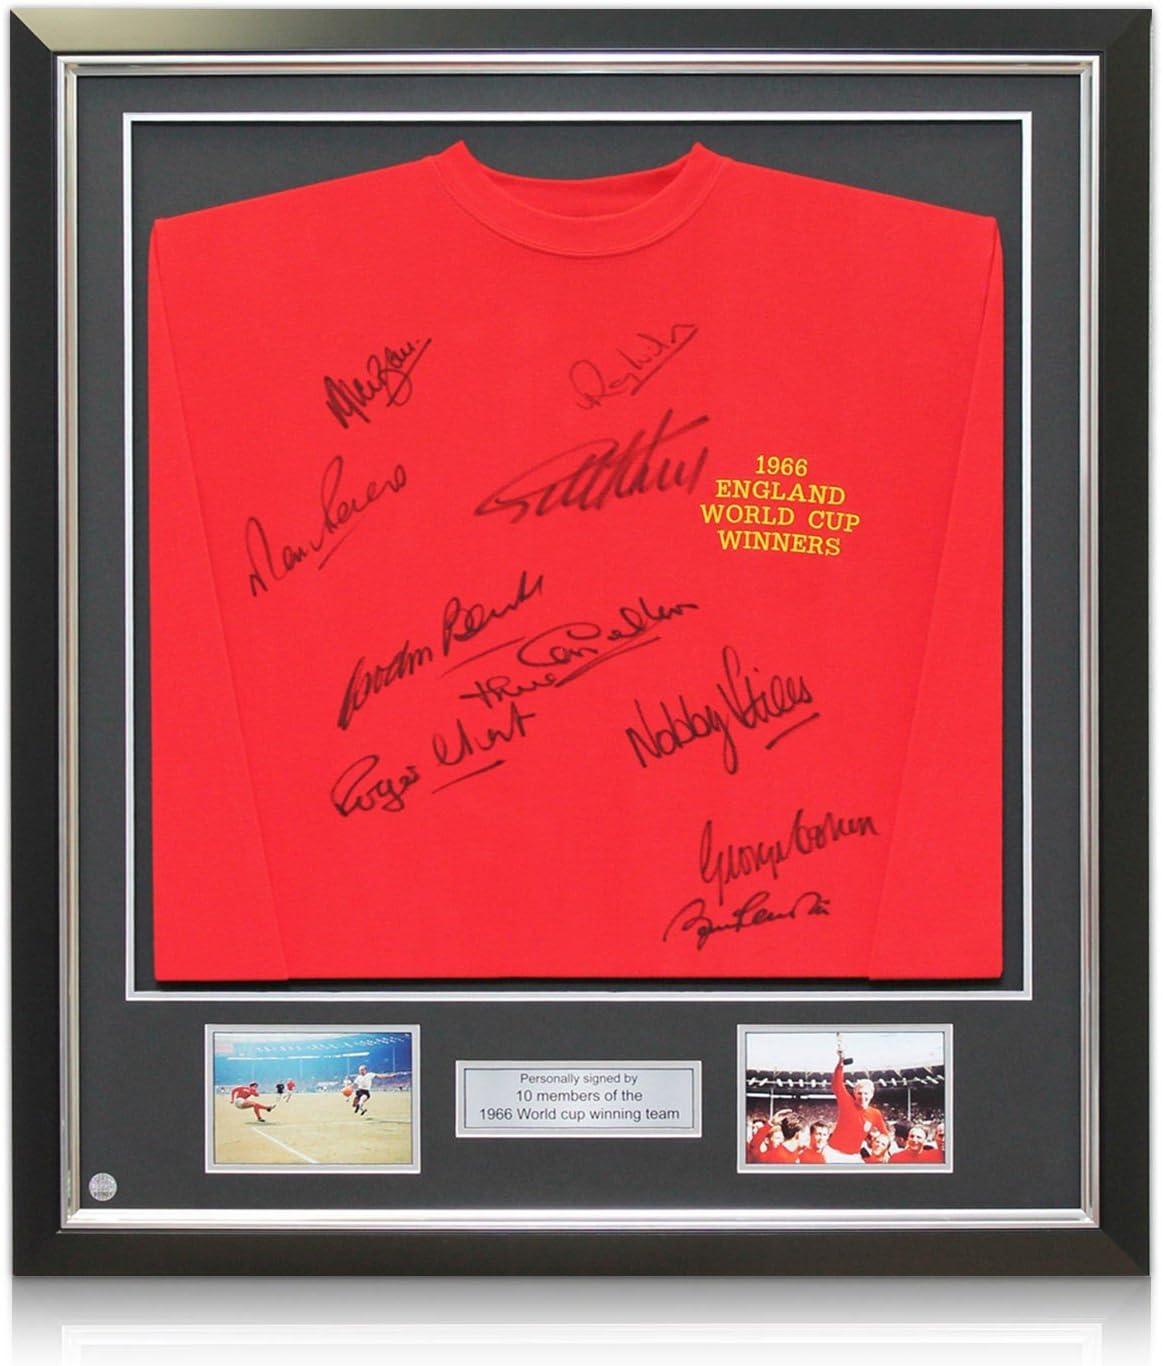 Inglaterra Copa del Mundo 1966 Equipo ganador camiseta firmada En Deluxe Negro Marco Con embutido de la plata: Amazon.es: Deportes y aire libre